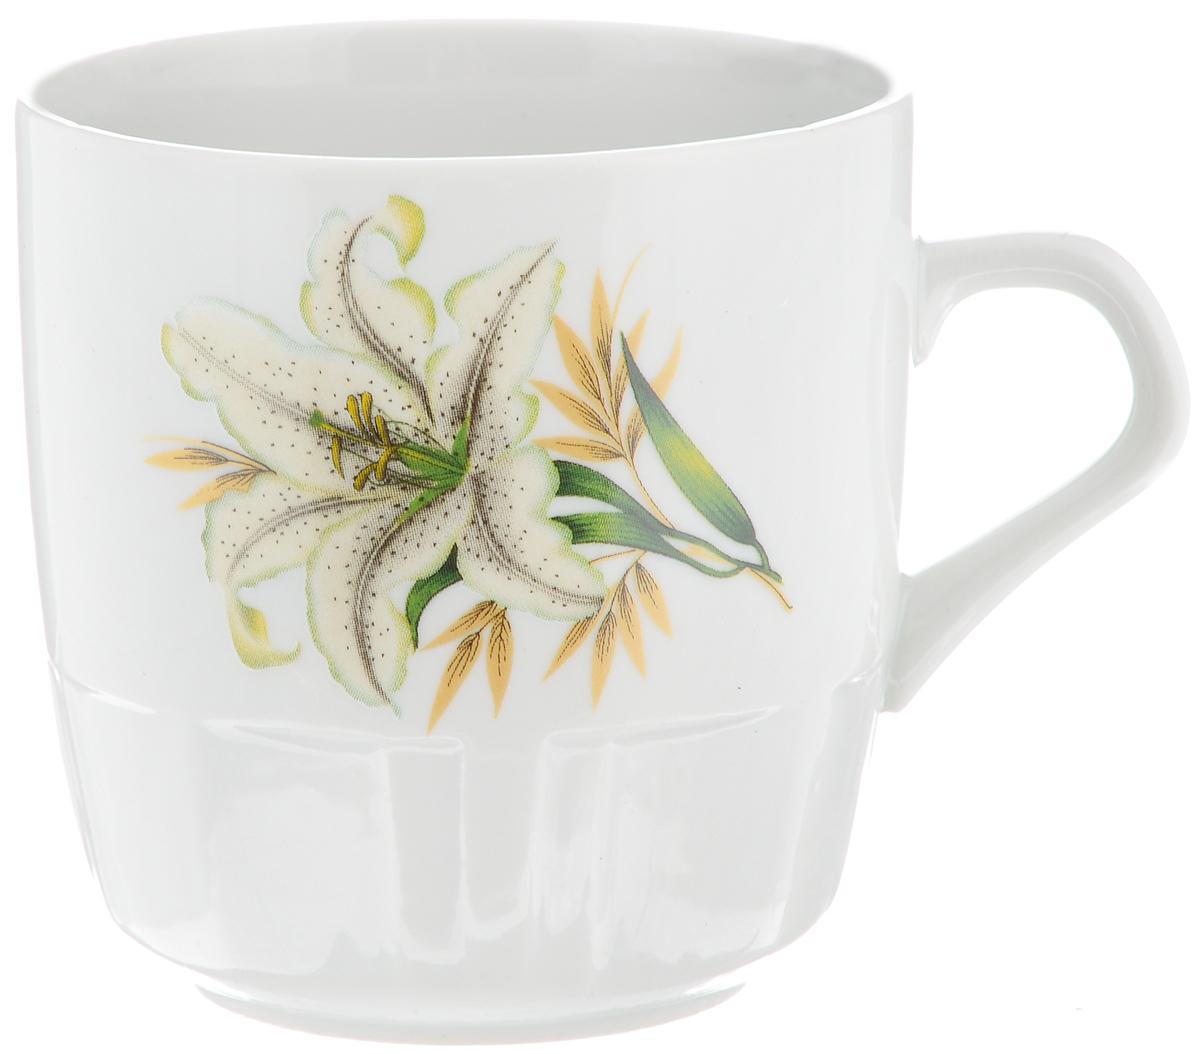 Кружка Фарфор Вербилок Белая лилия, 250 мл кружка фарфор вербилок арабеска цветущая земляника 250 мл